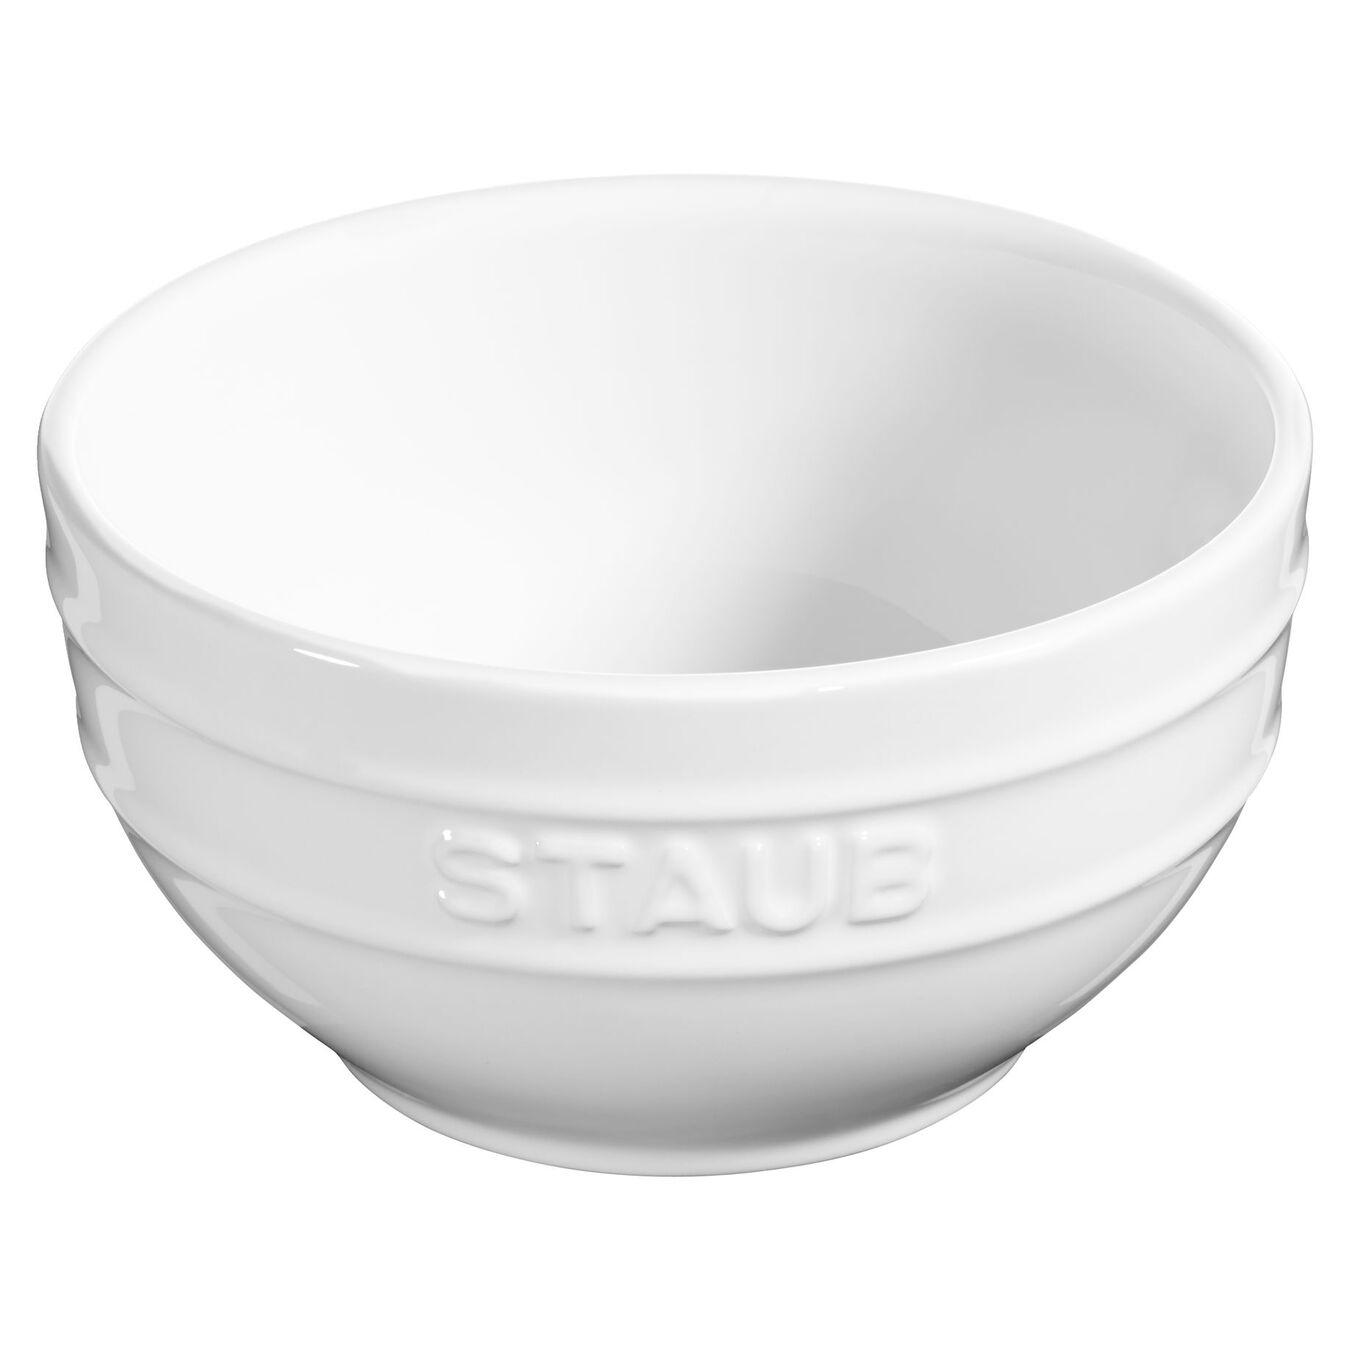 14 cm Ceramic round Bowl, Pure-White,,large 1